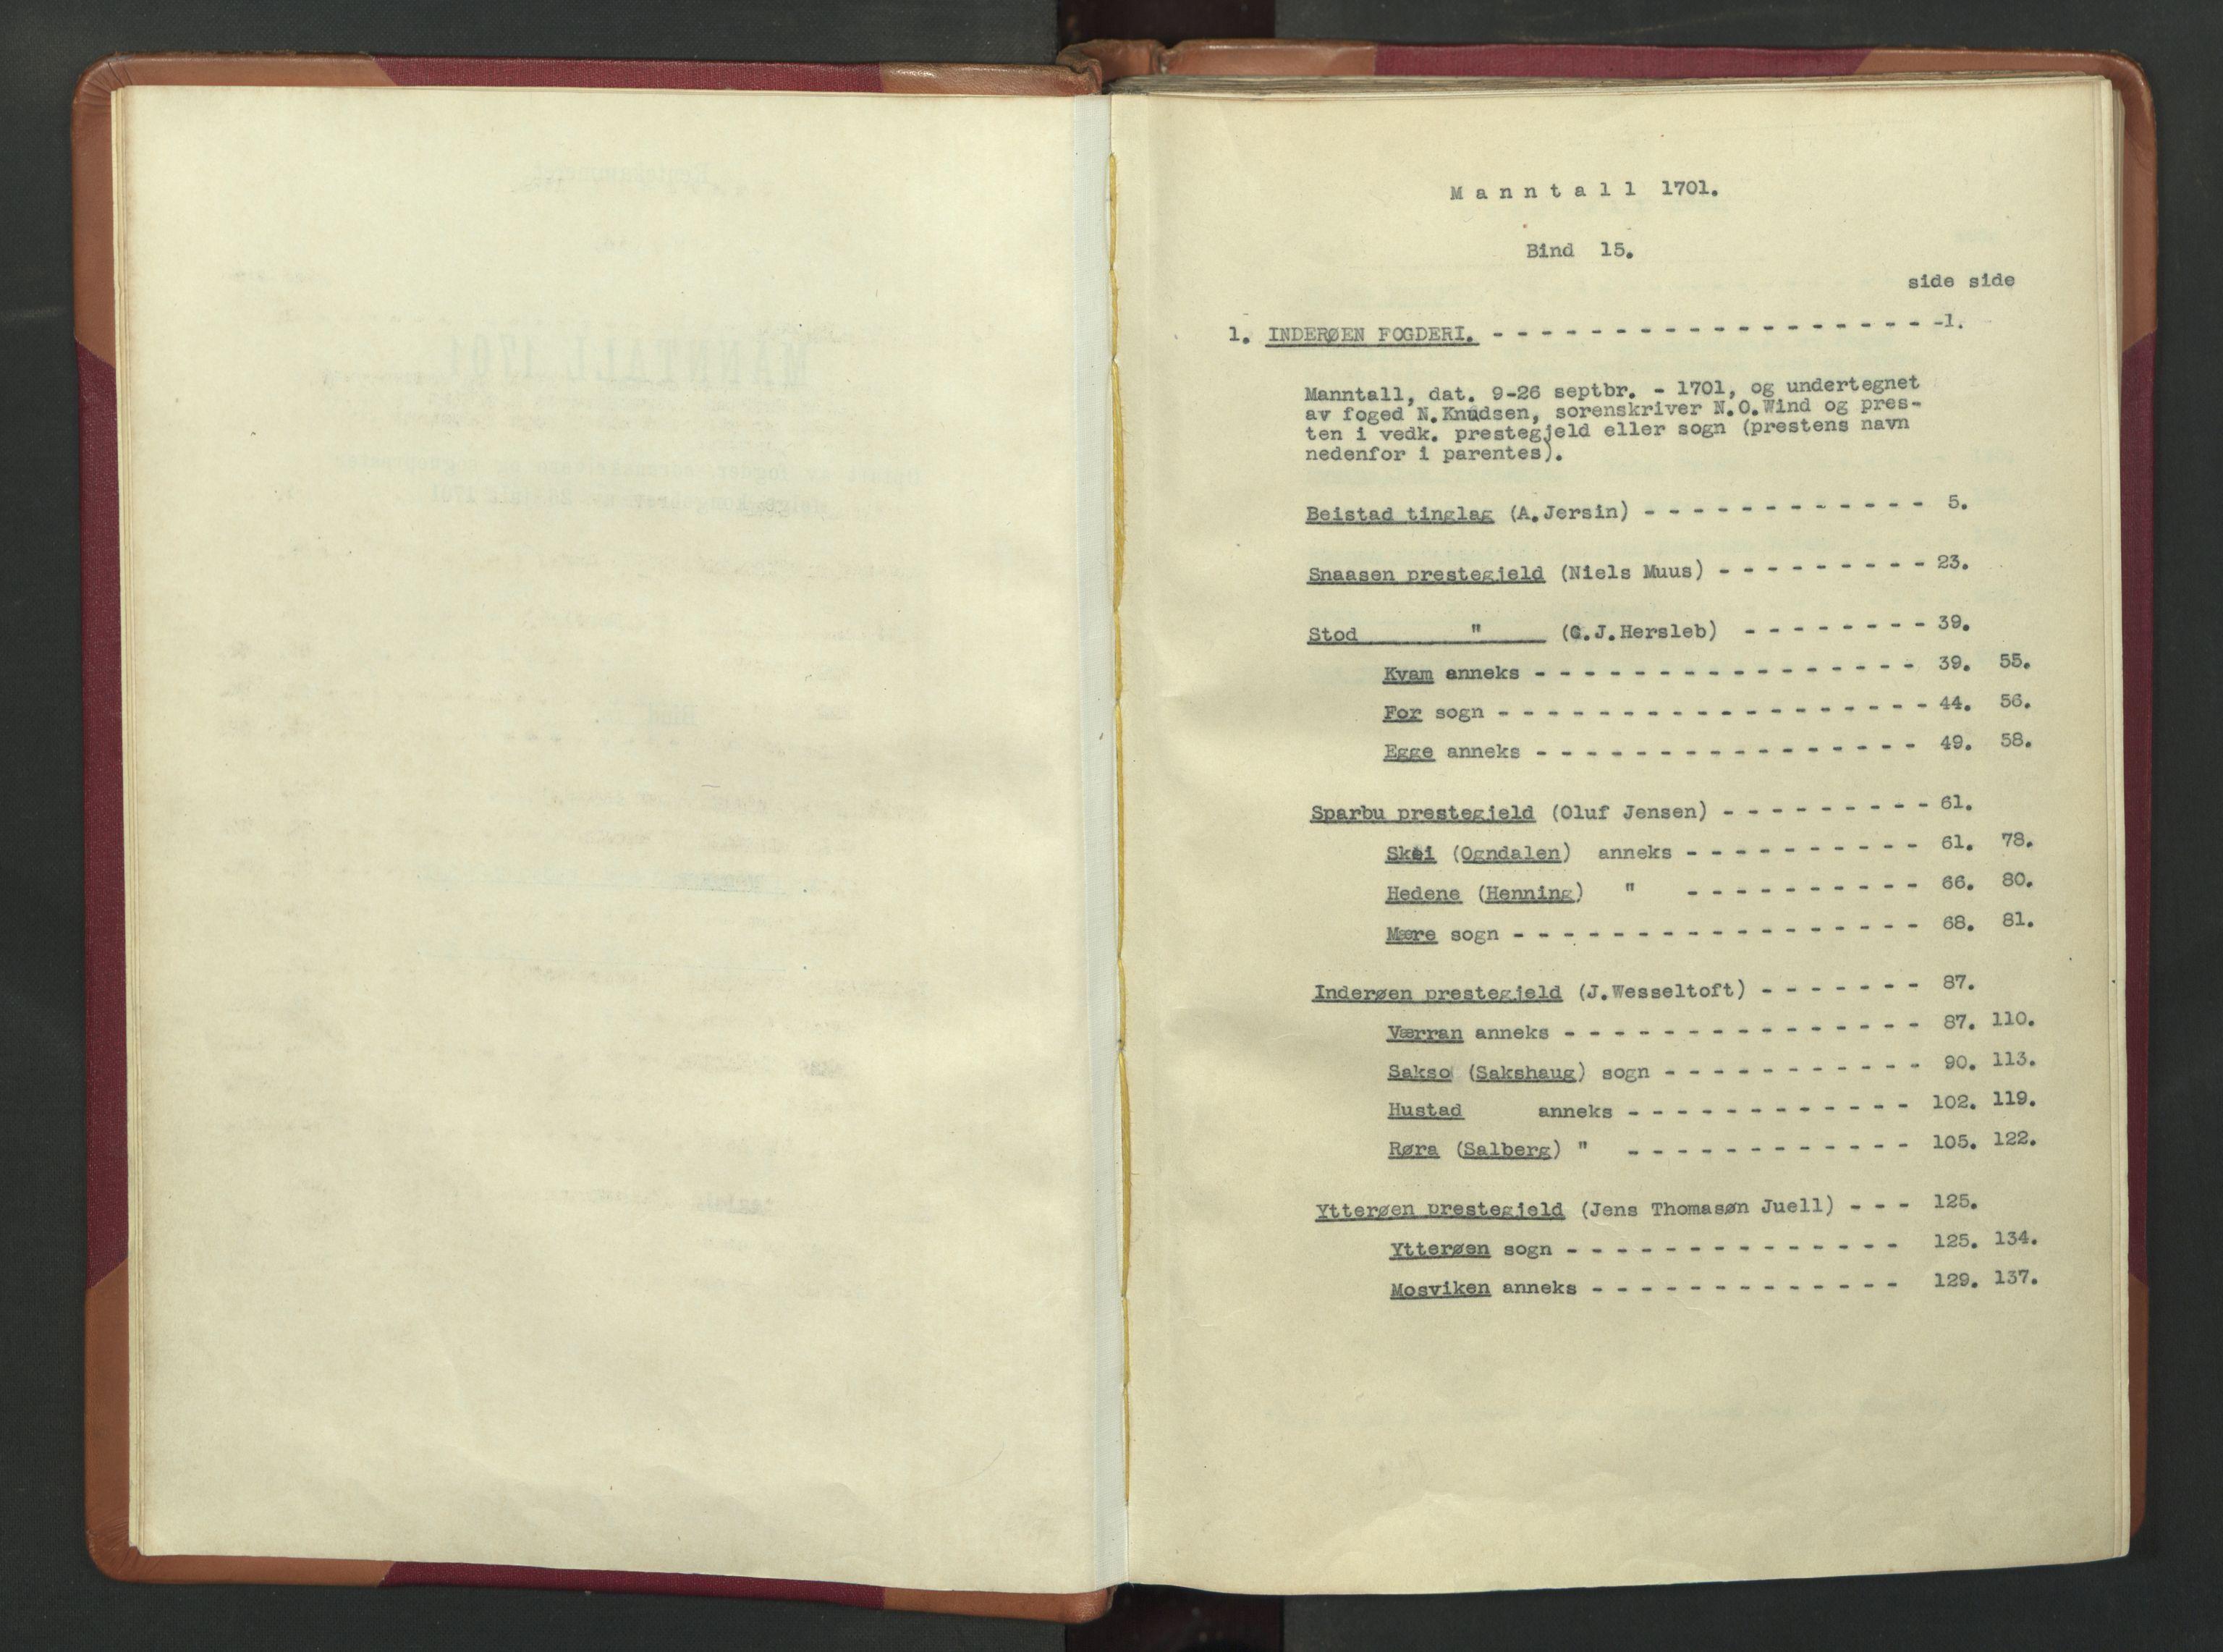 RA, Manntallet 1701, nr. 15: Inderøy fogderi og Namdal fogderi, 1701, s. upaginert